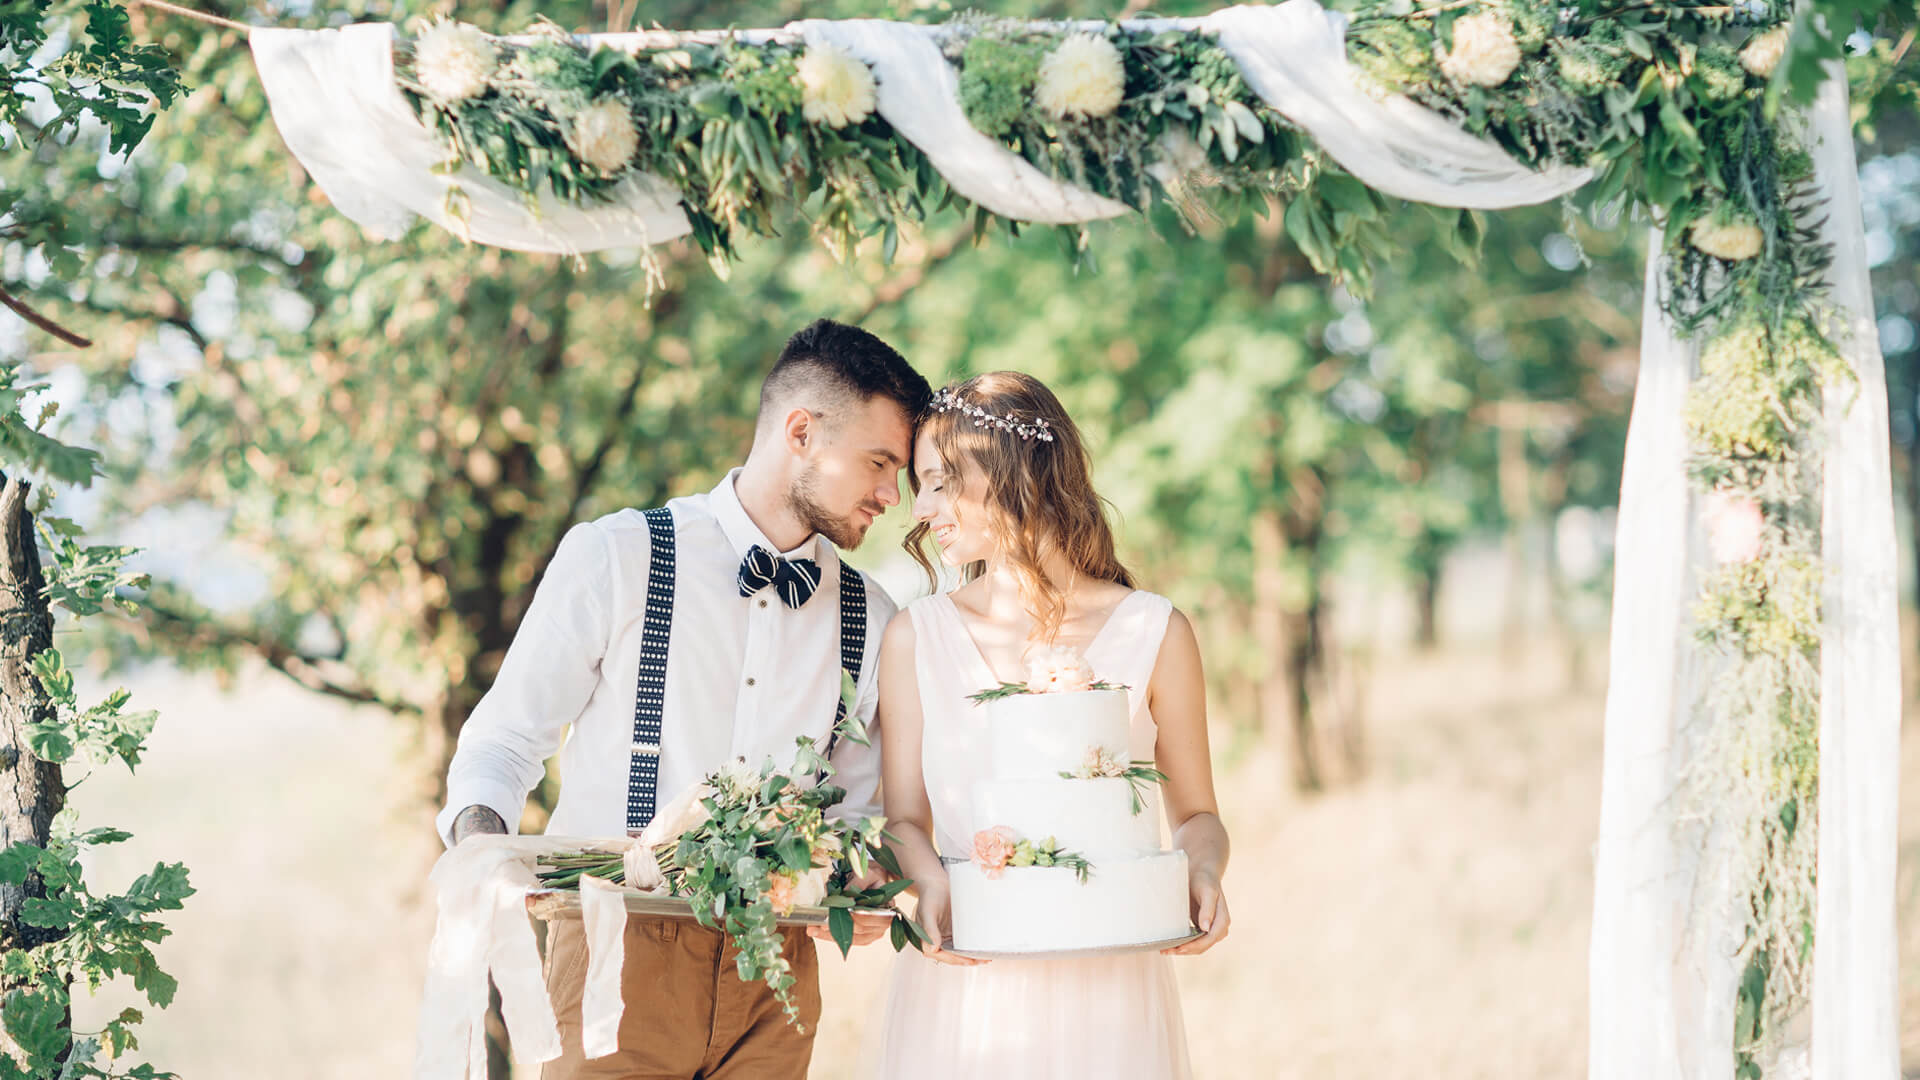 Matrimonio Simbolico Libretto : Cerimonia matrimonio archives yvaine eventi